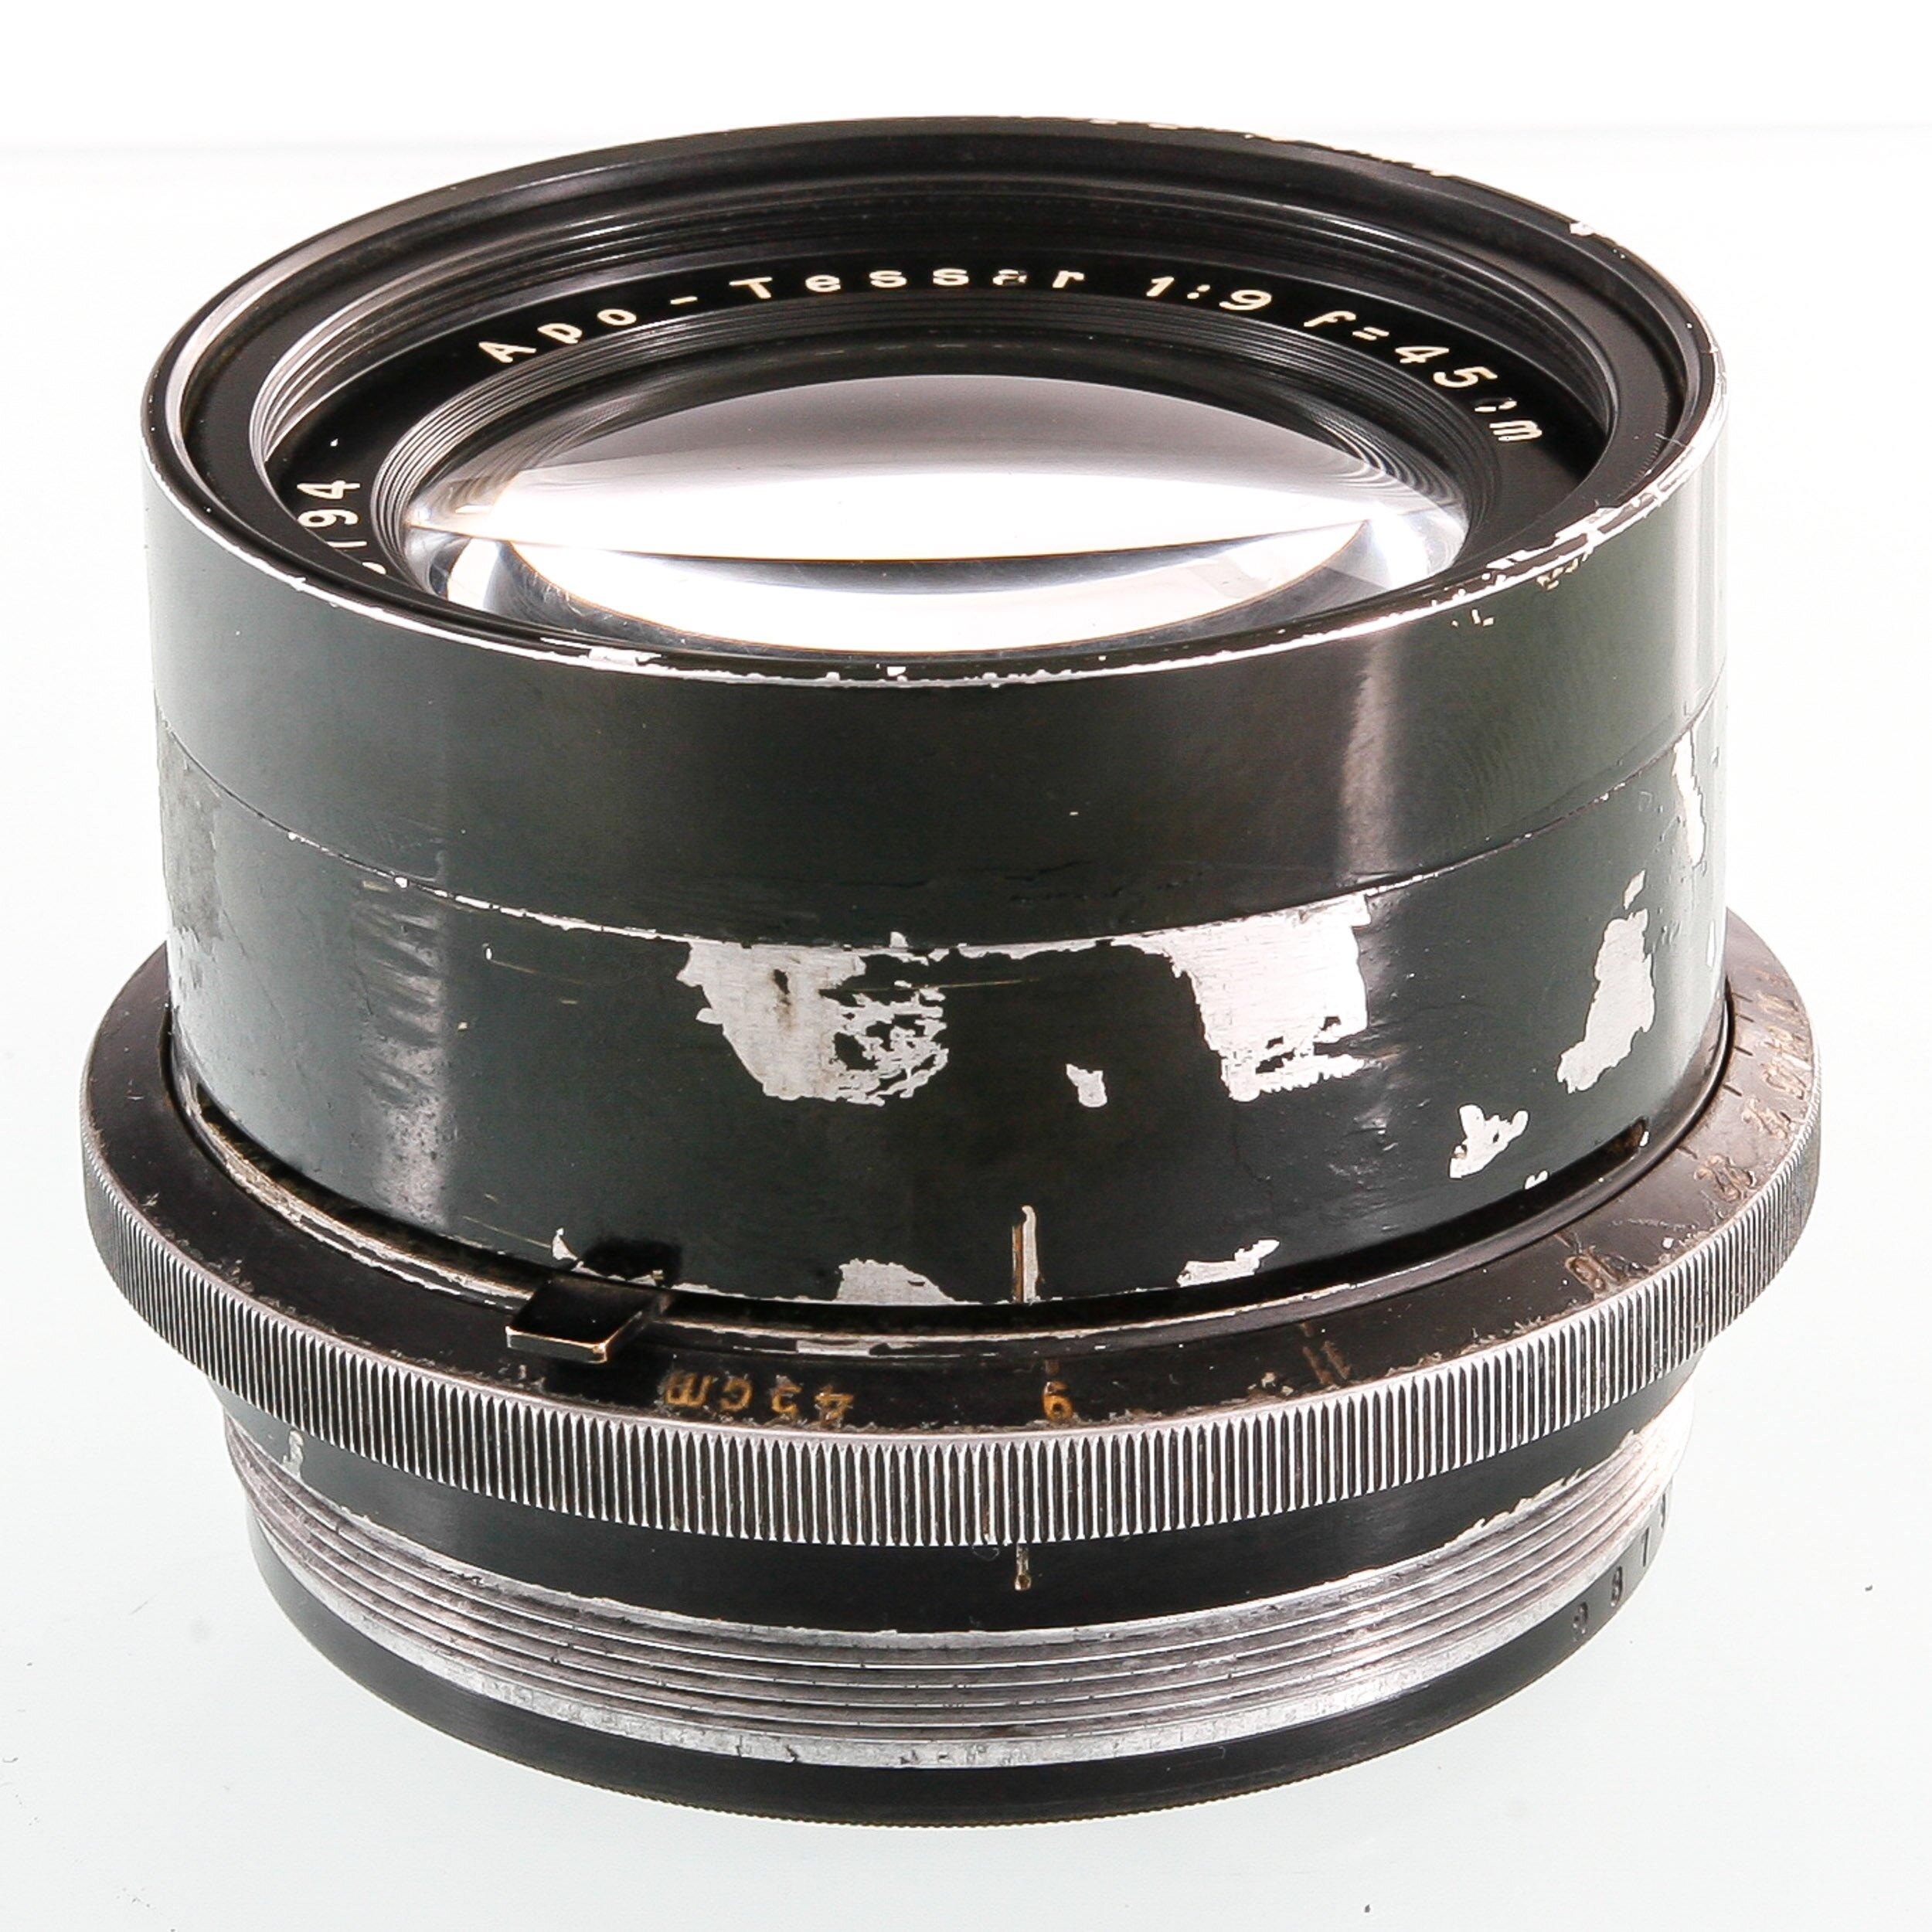 Carl Zeiss 45cm F9.0 Apo Tessar